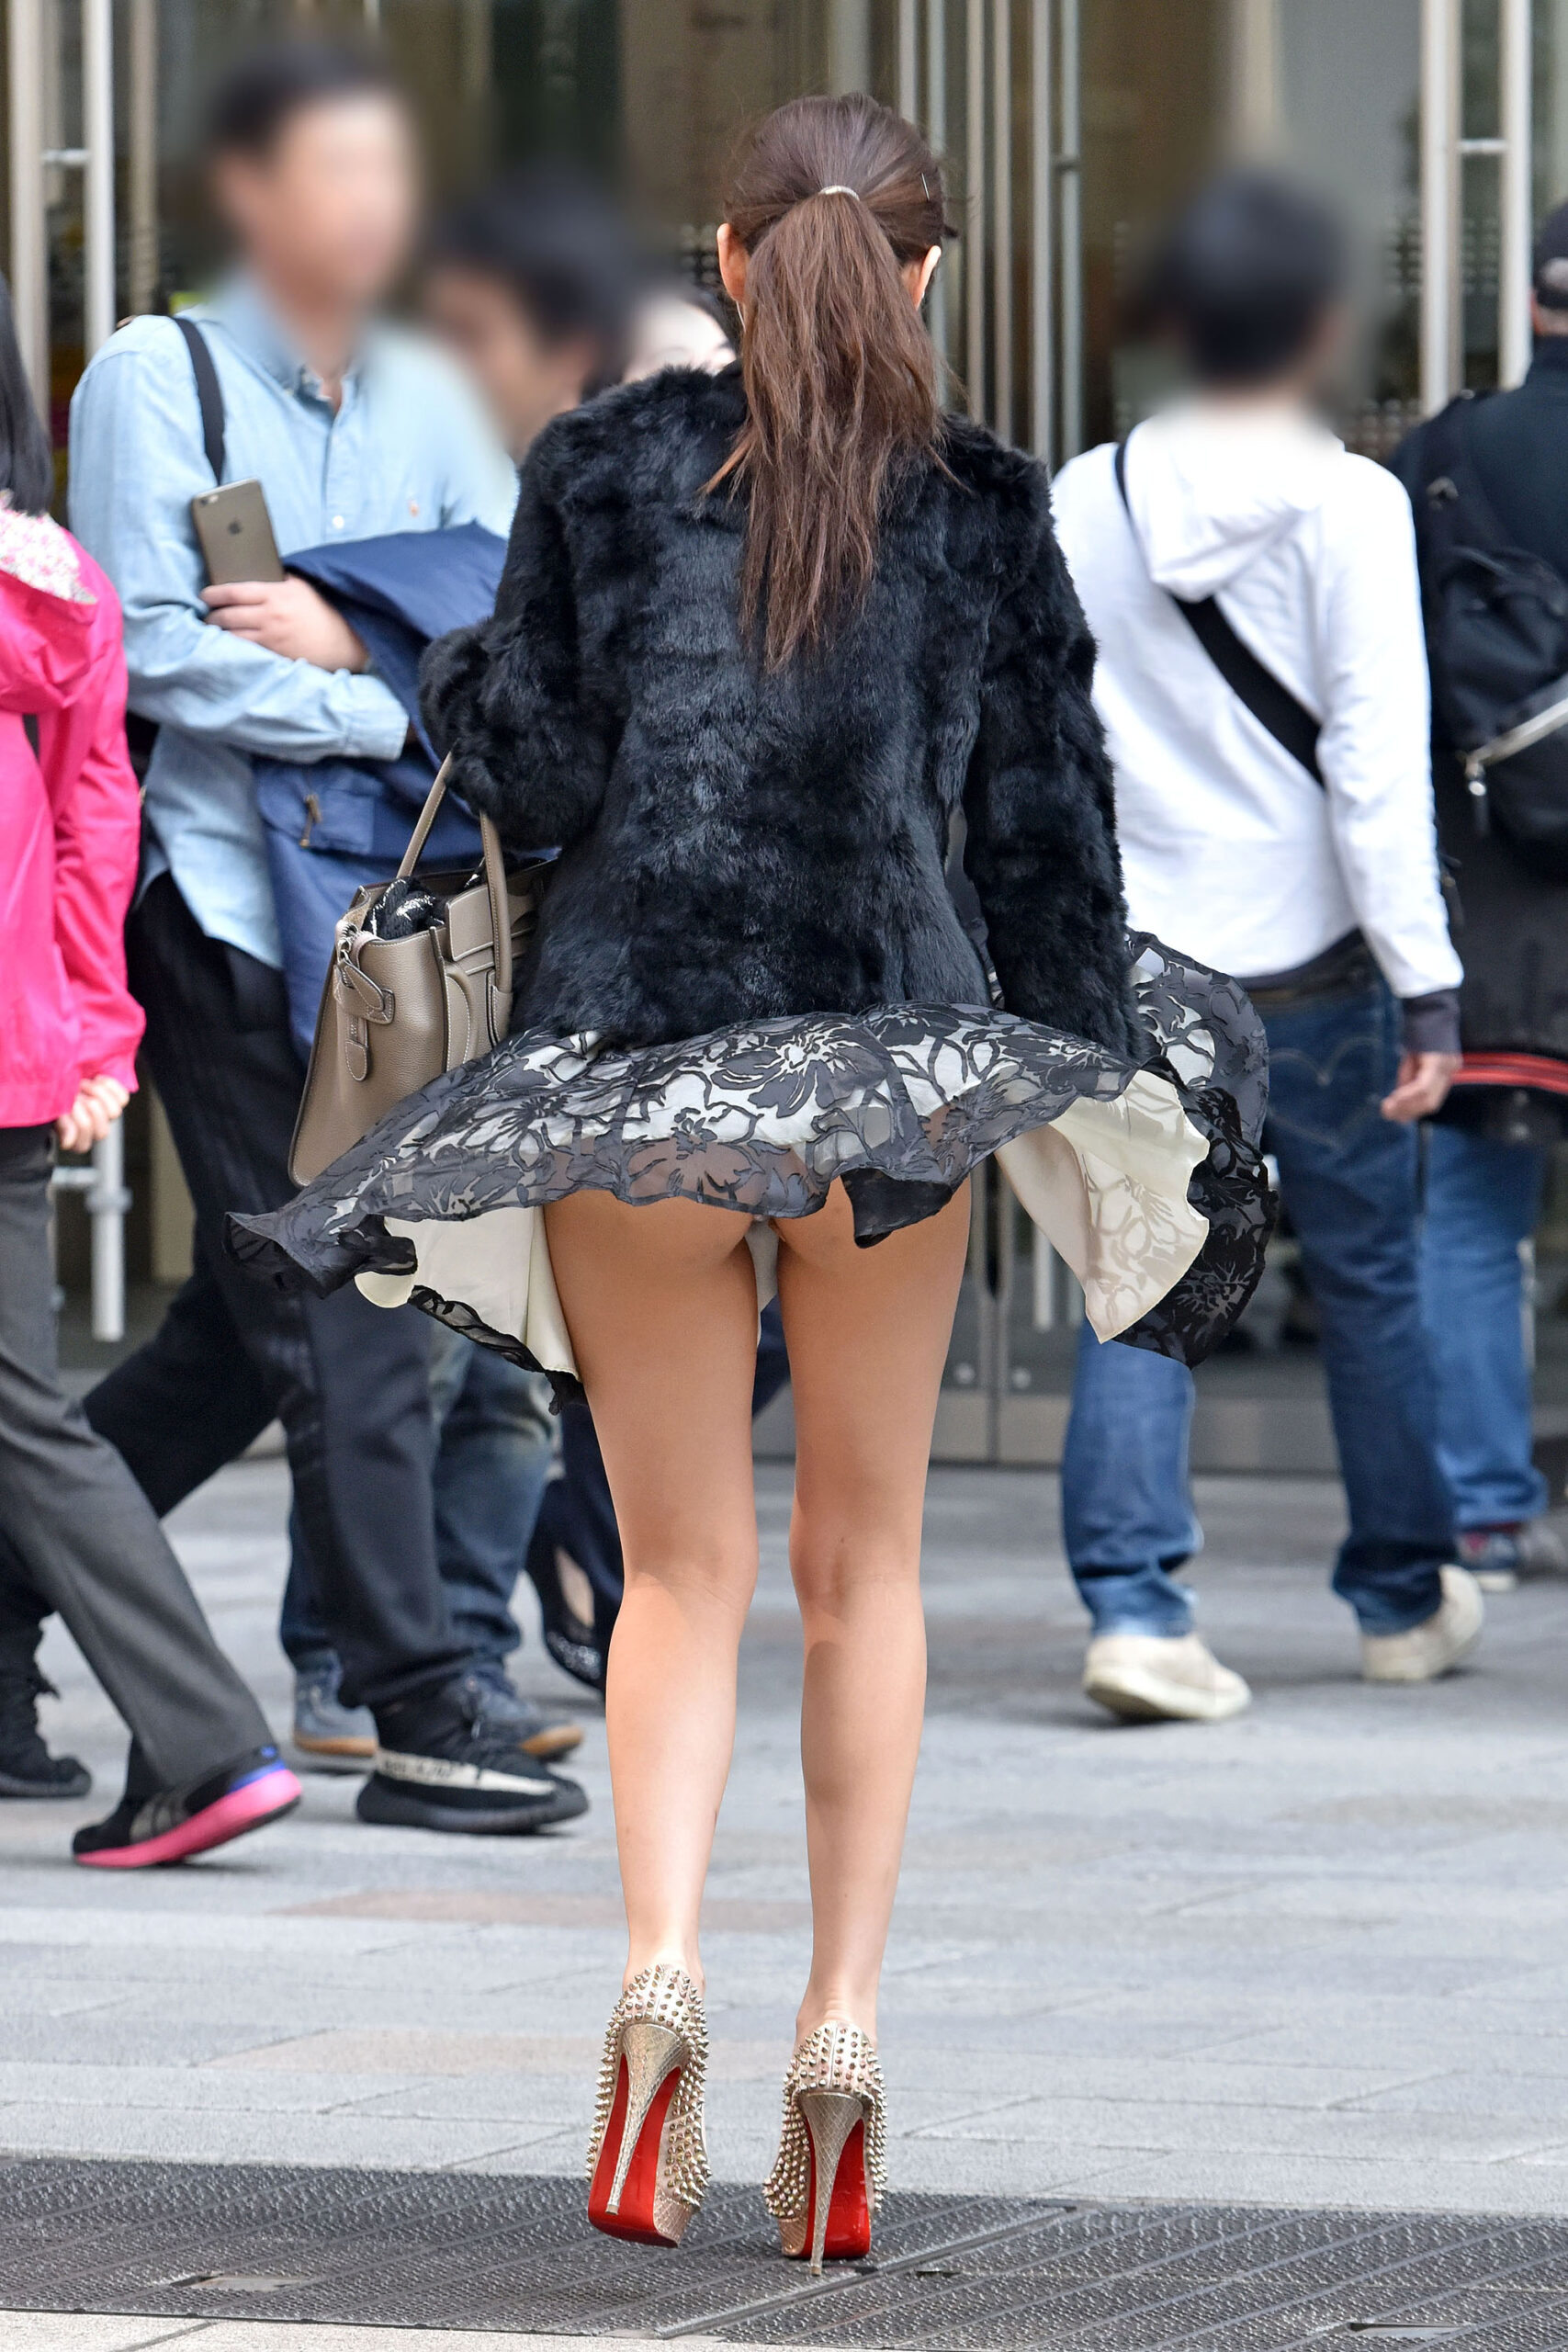 エチエチまんさん街撮りしたら、スカートがめくれてTバックが現れるwwwwwwwwwww hkkY2ui scaled